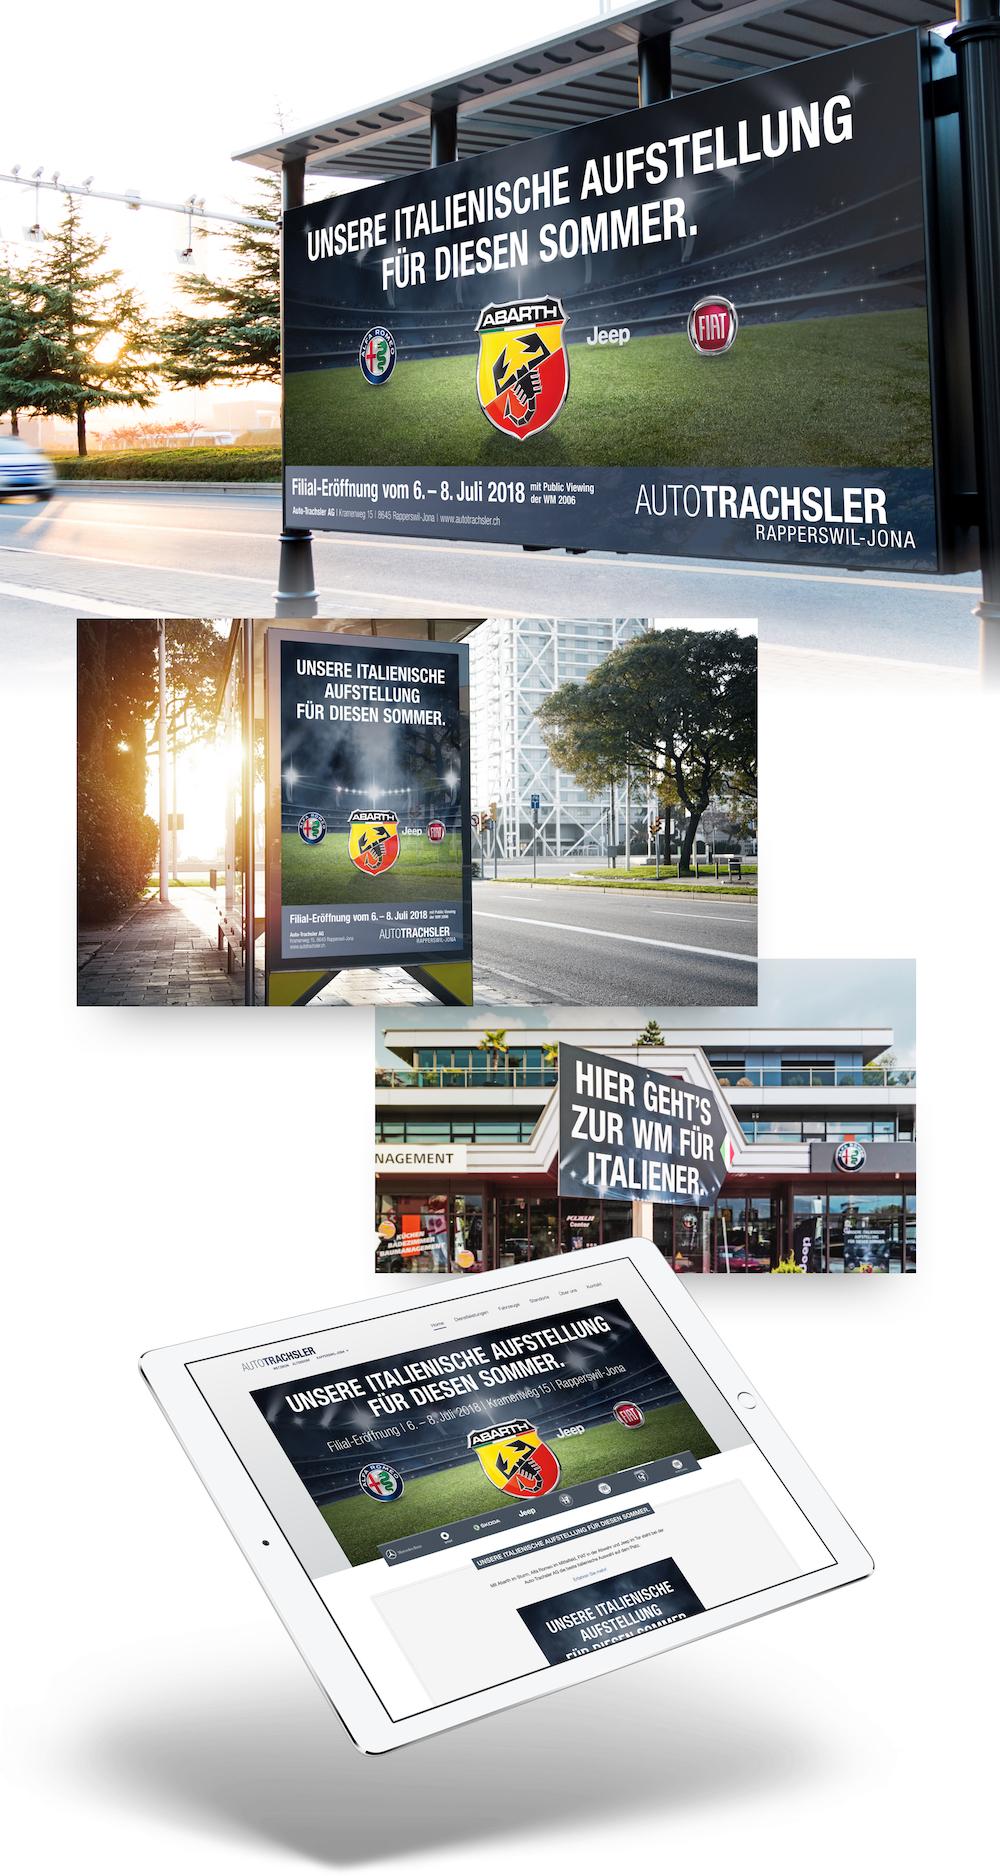 Auto_Trachsler_blog_1